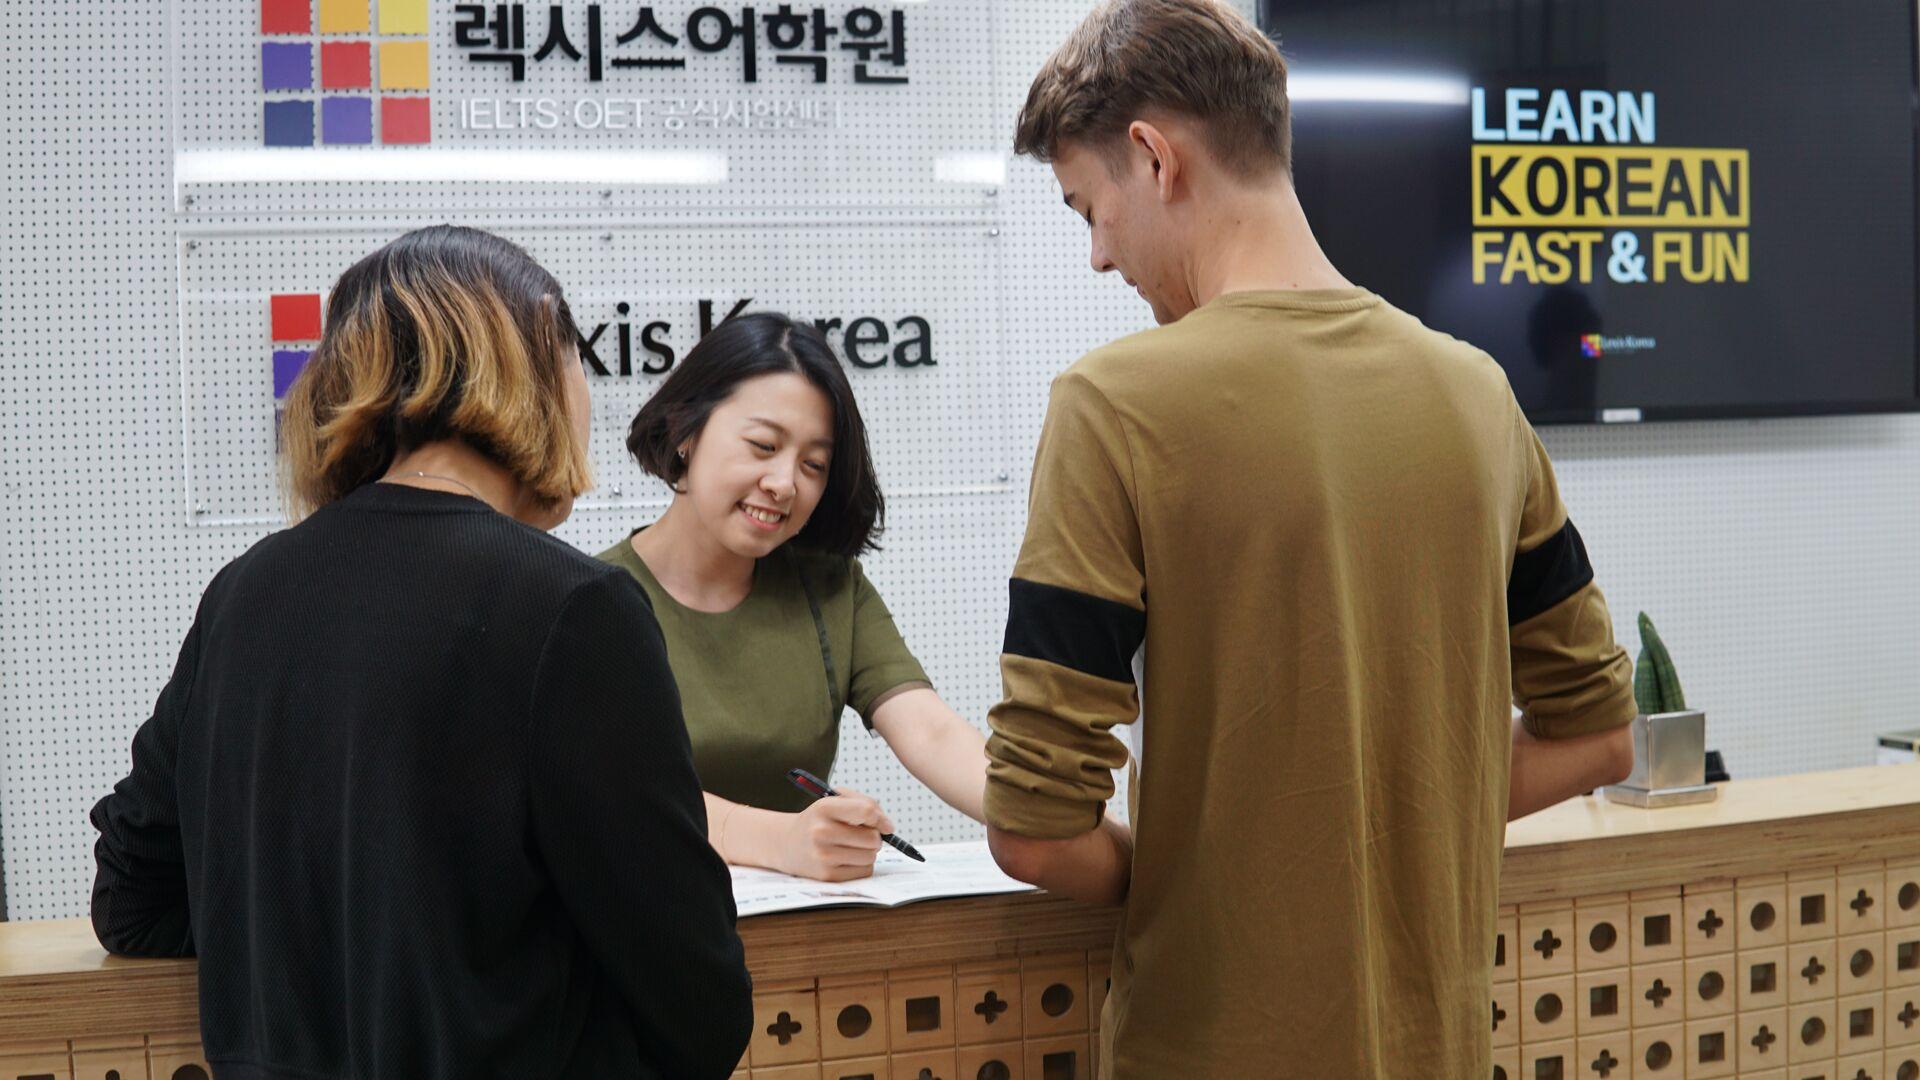 Séjour linguistique Corée du sud, Busan - Lexis Busan - École